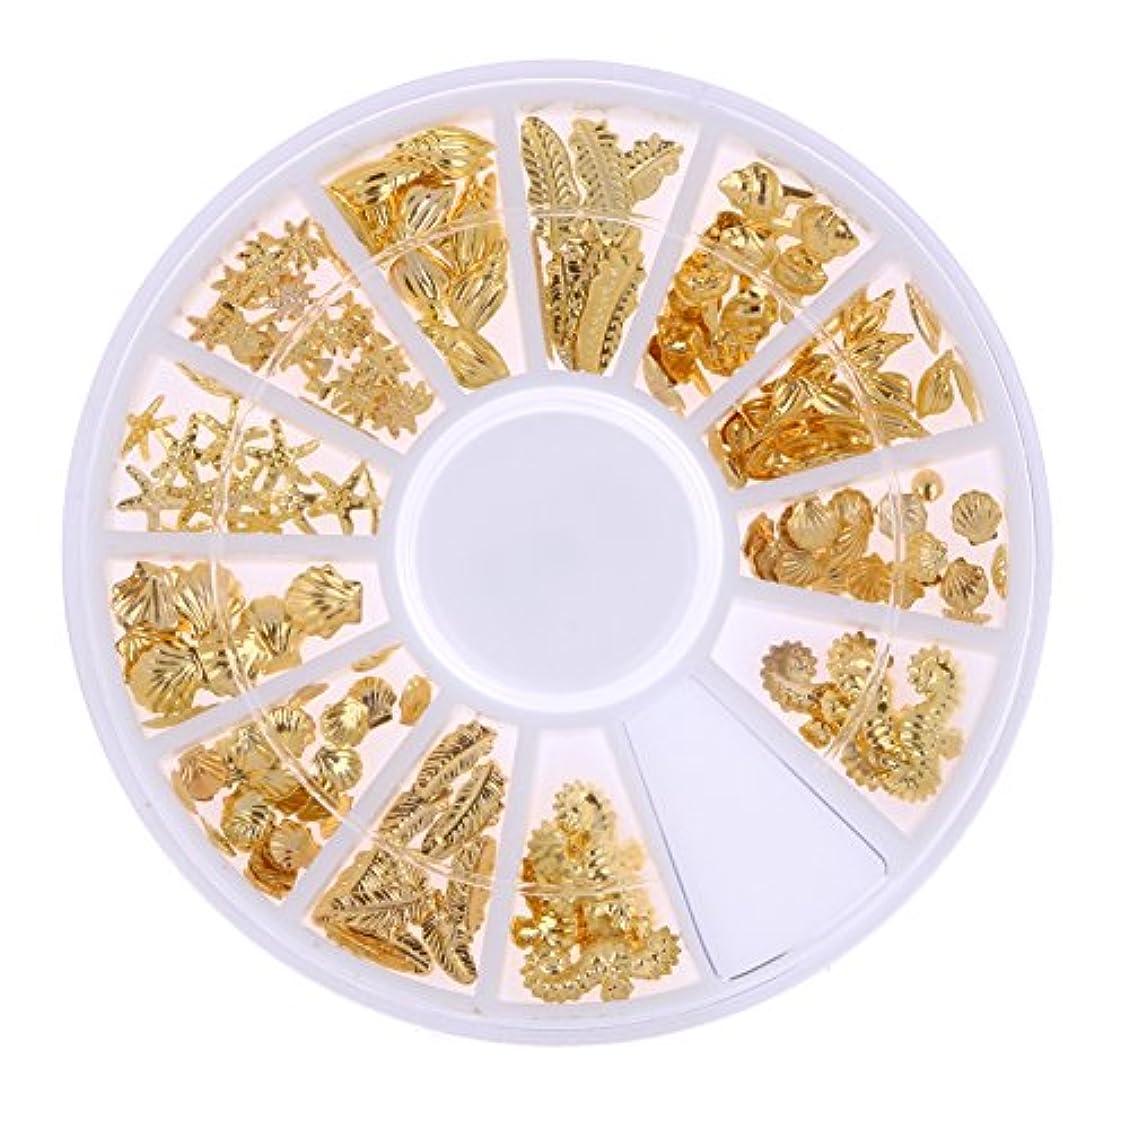 等々ジャズ男性Demiawaking ネイルパーツ メタル ネイルアート ゴールド 海テーマ(貝殻/海馬/海星) 12種類 DIY ネイルデコレーション ラウンドケース入 1個